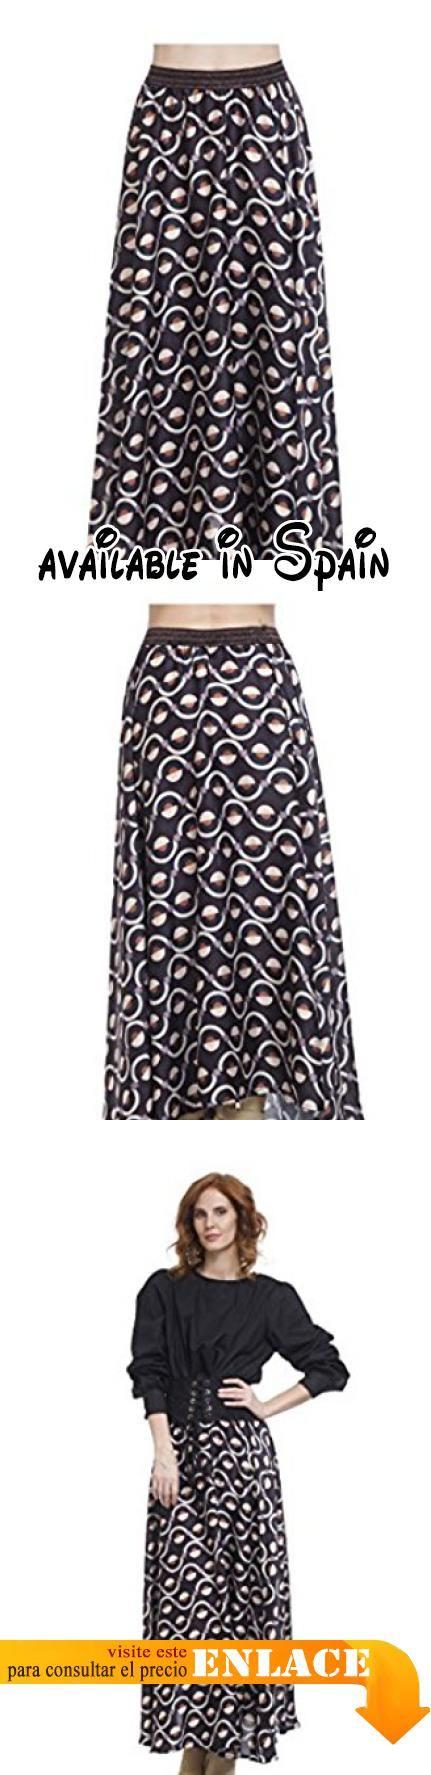 B076HCXSBB : TANTRA - Falda ROMINA - Mujer - UNICO - Negro. Falda larga estampada. Con elástico en la cintura. Efecto asimétrico. Acabado con solapa. Longitud 120cm